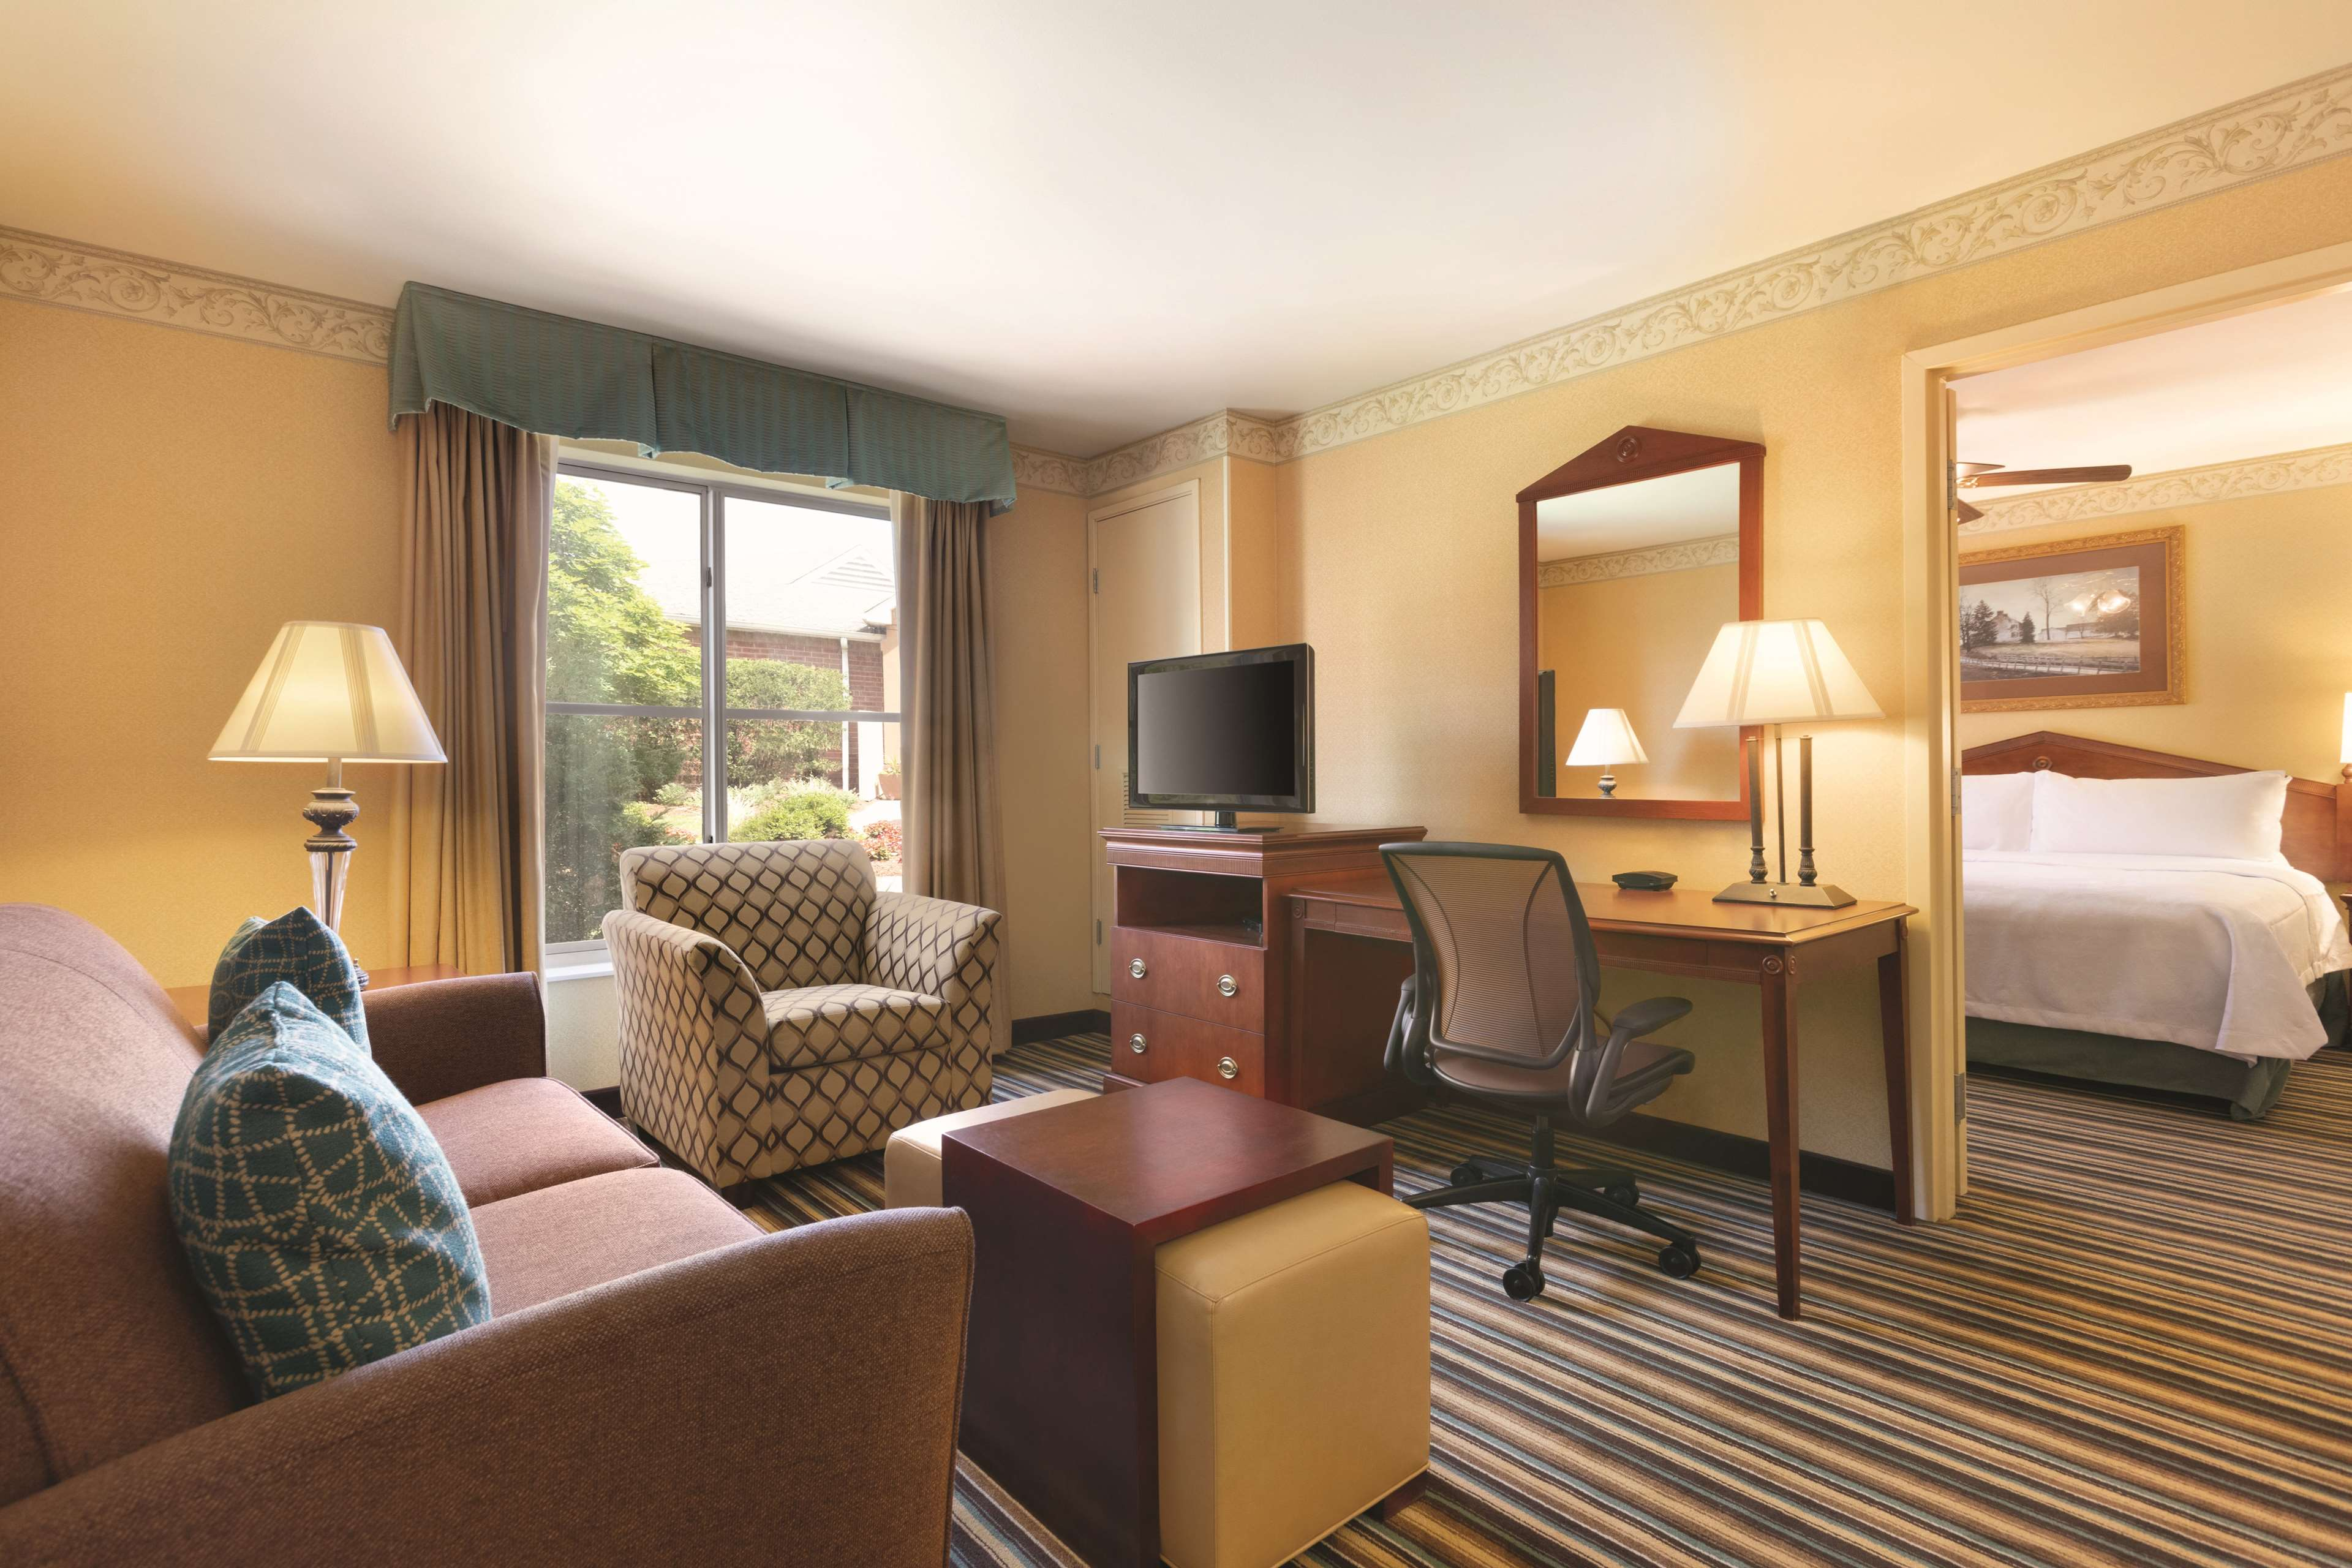 Homewood Suites by Hilton Detroit-Troy image 18